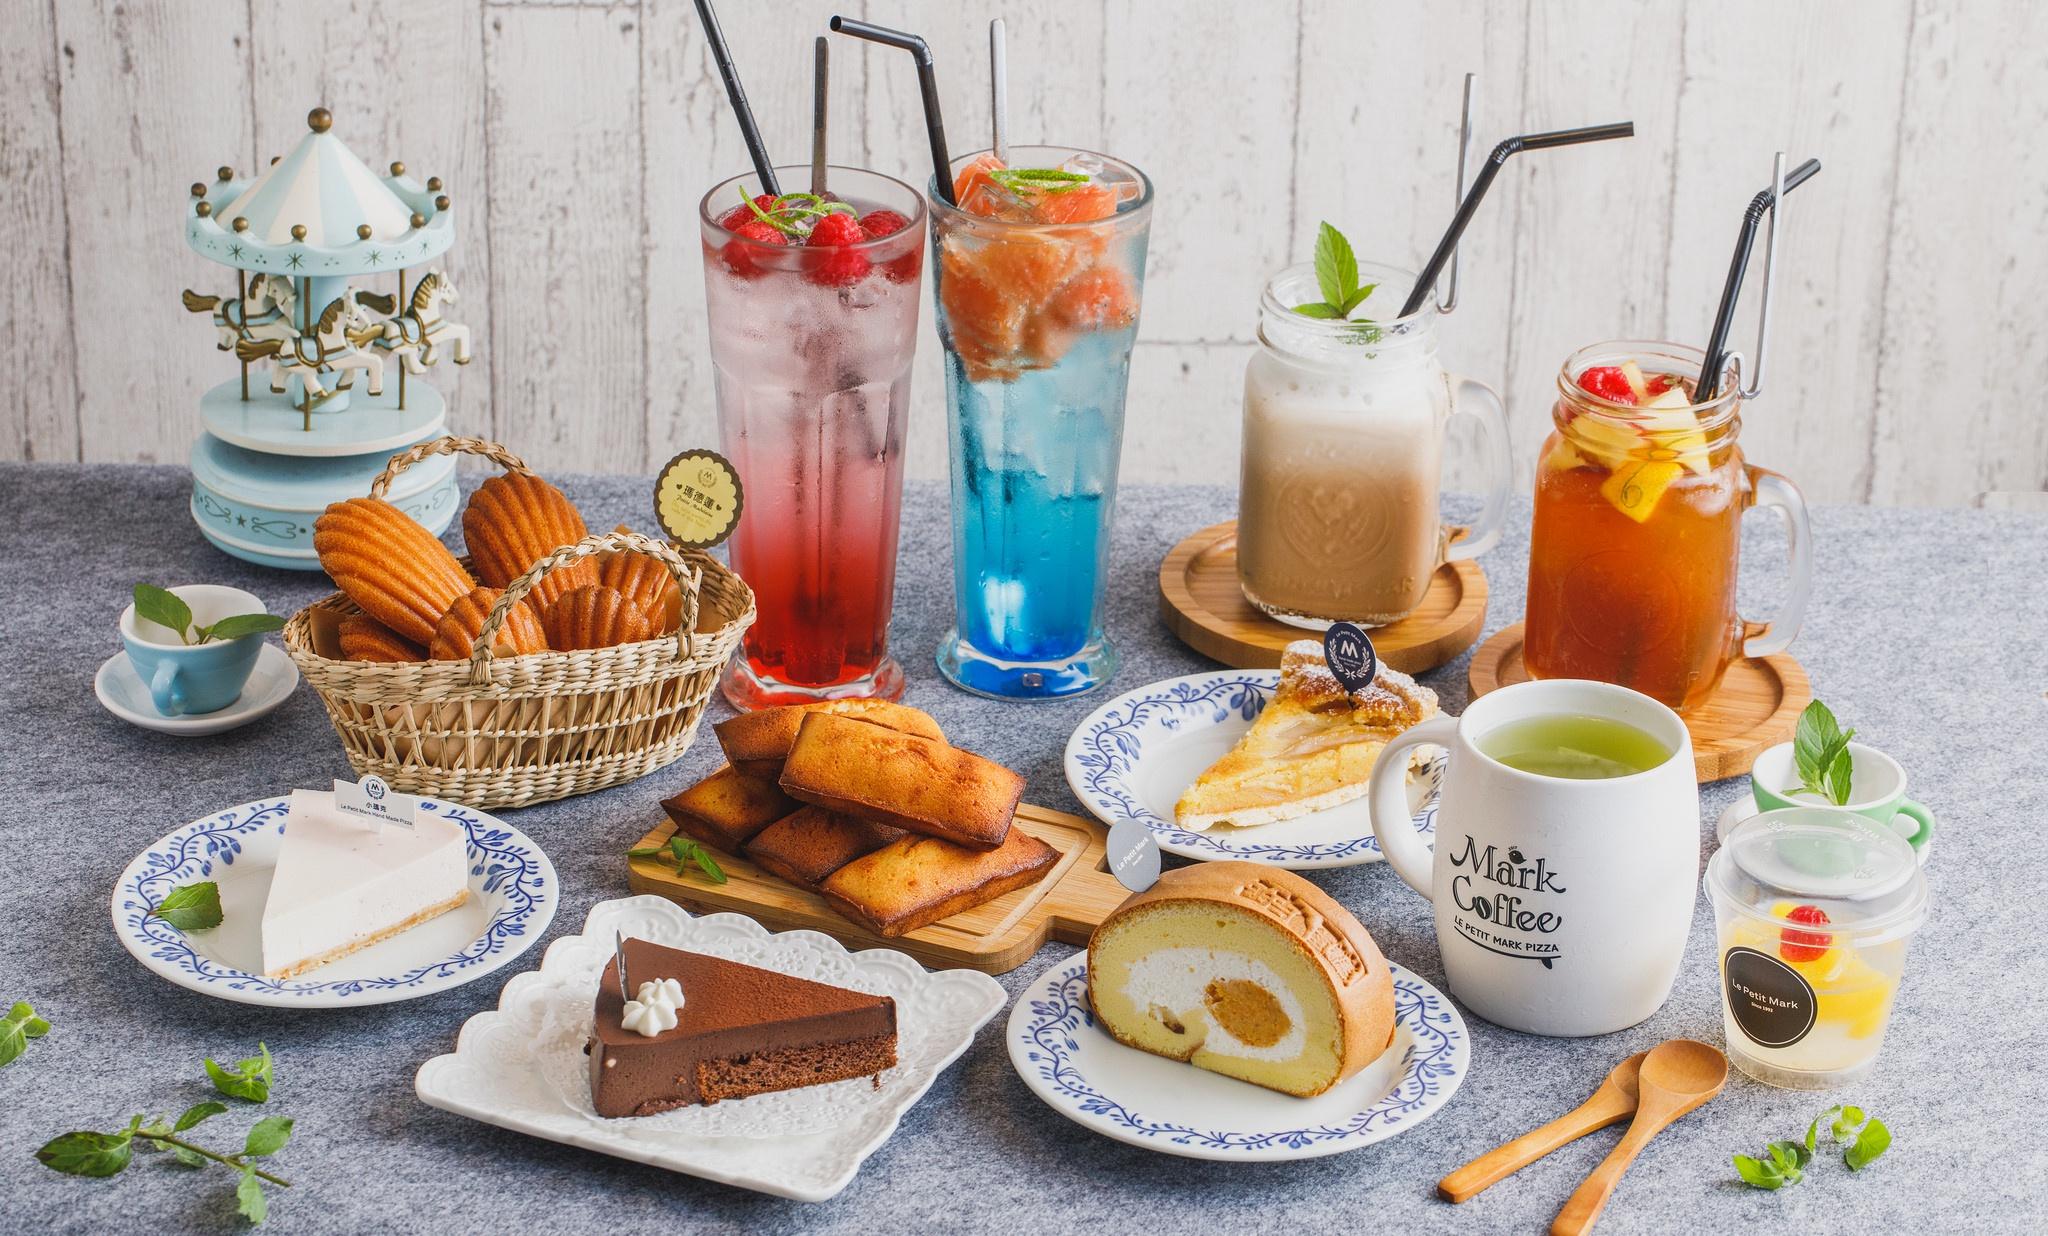 Картинки с десертами и напитками